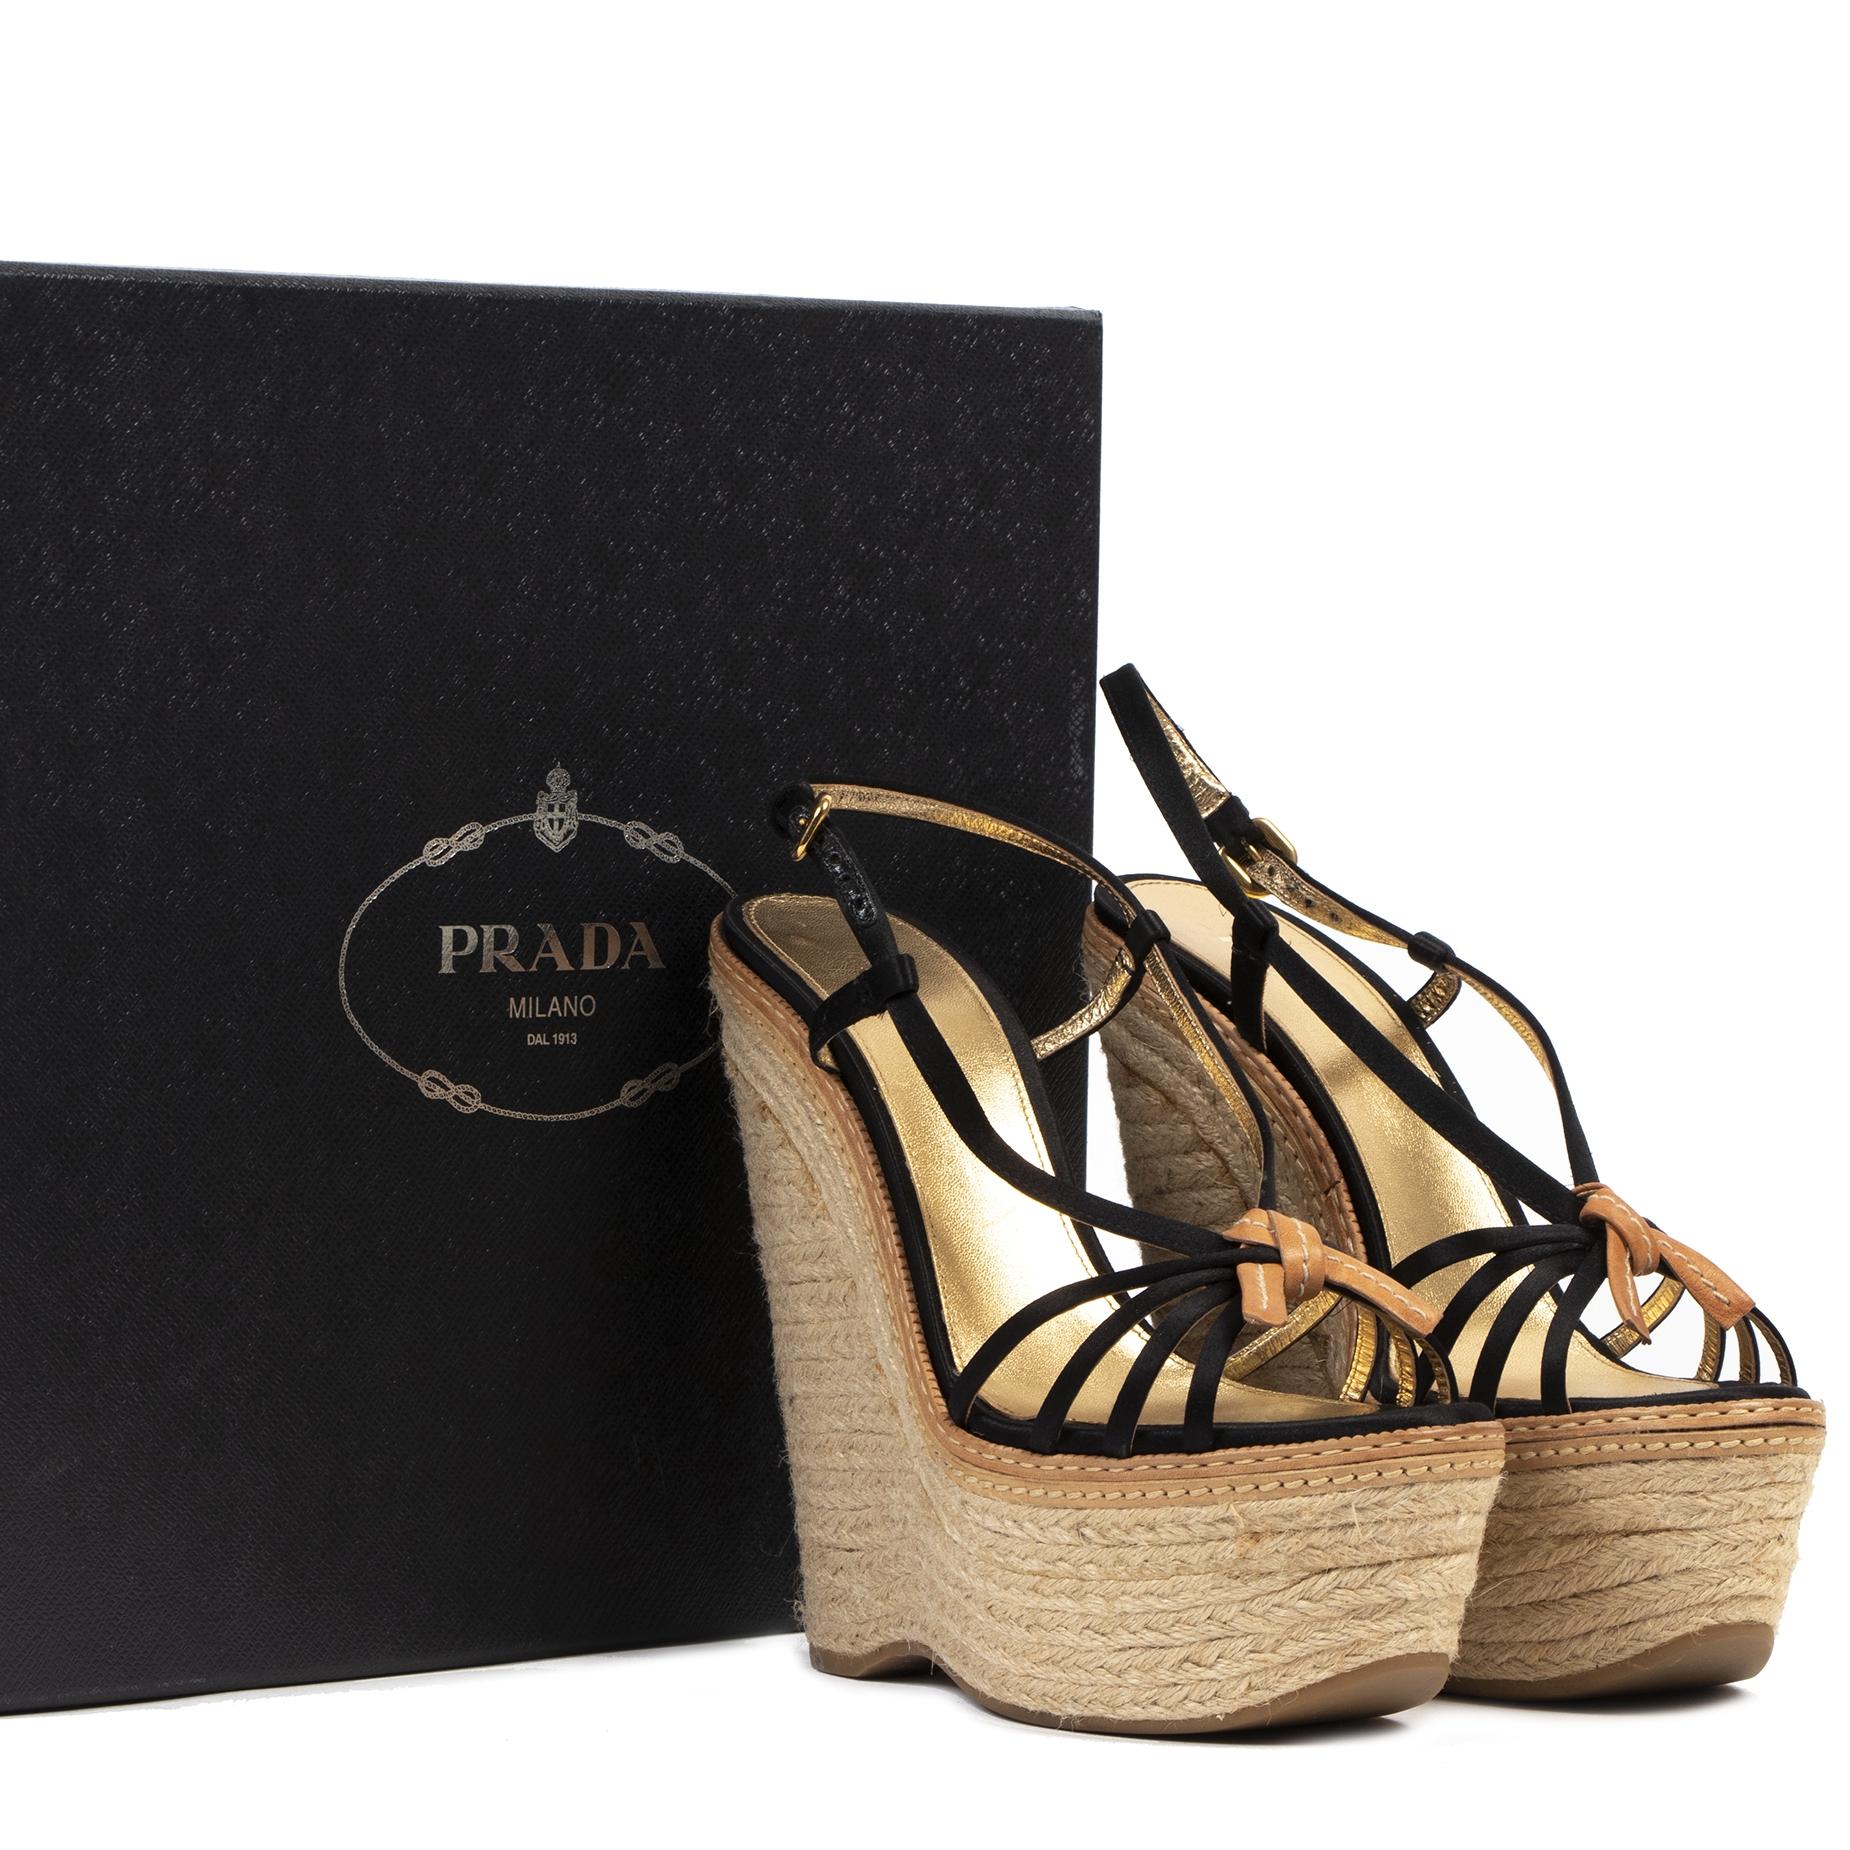 Authentieke Tweedehands Prada Wedge Sandal Heels - Size 40,5 juiste prijs veilig online shoppen luxe merken webshop winkelen Antwerpen België mode fashion